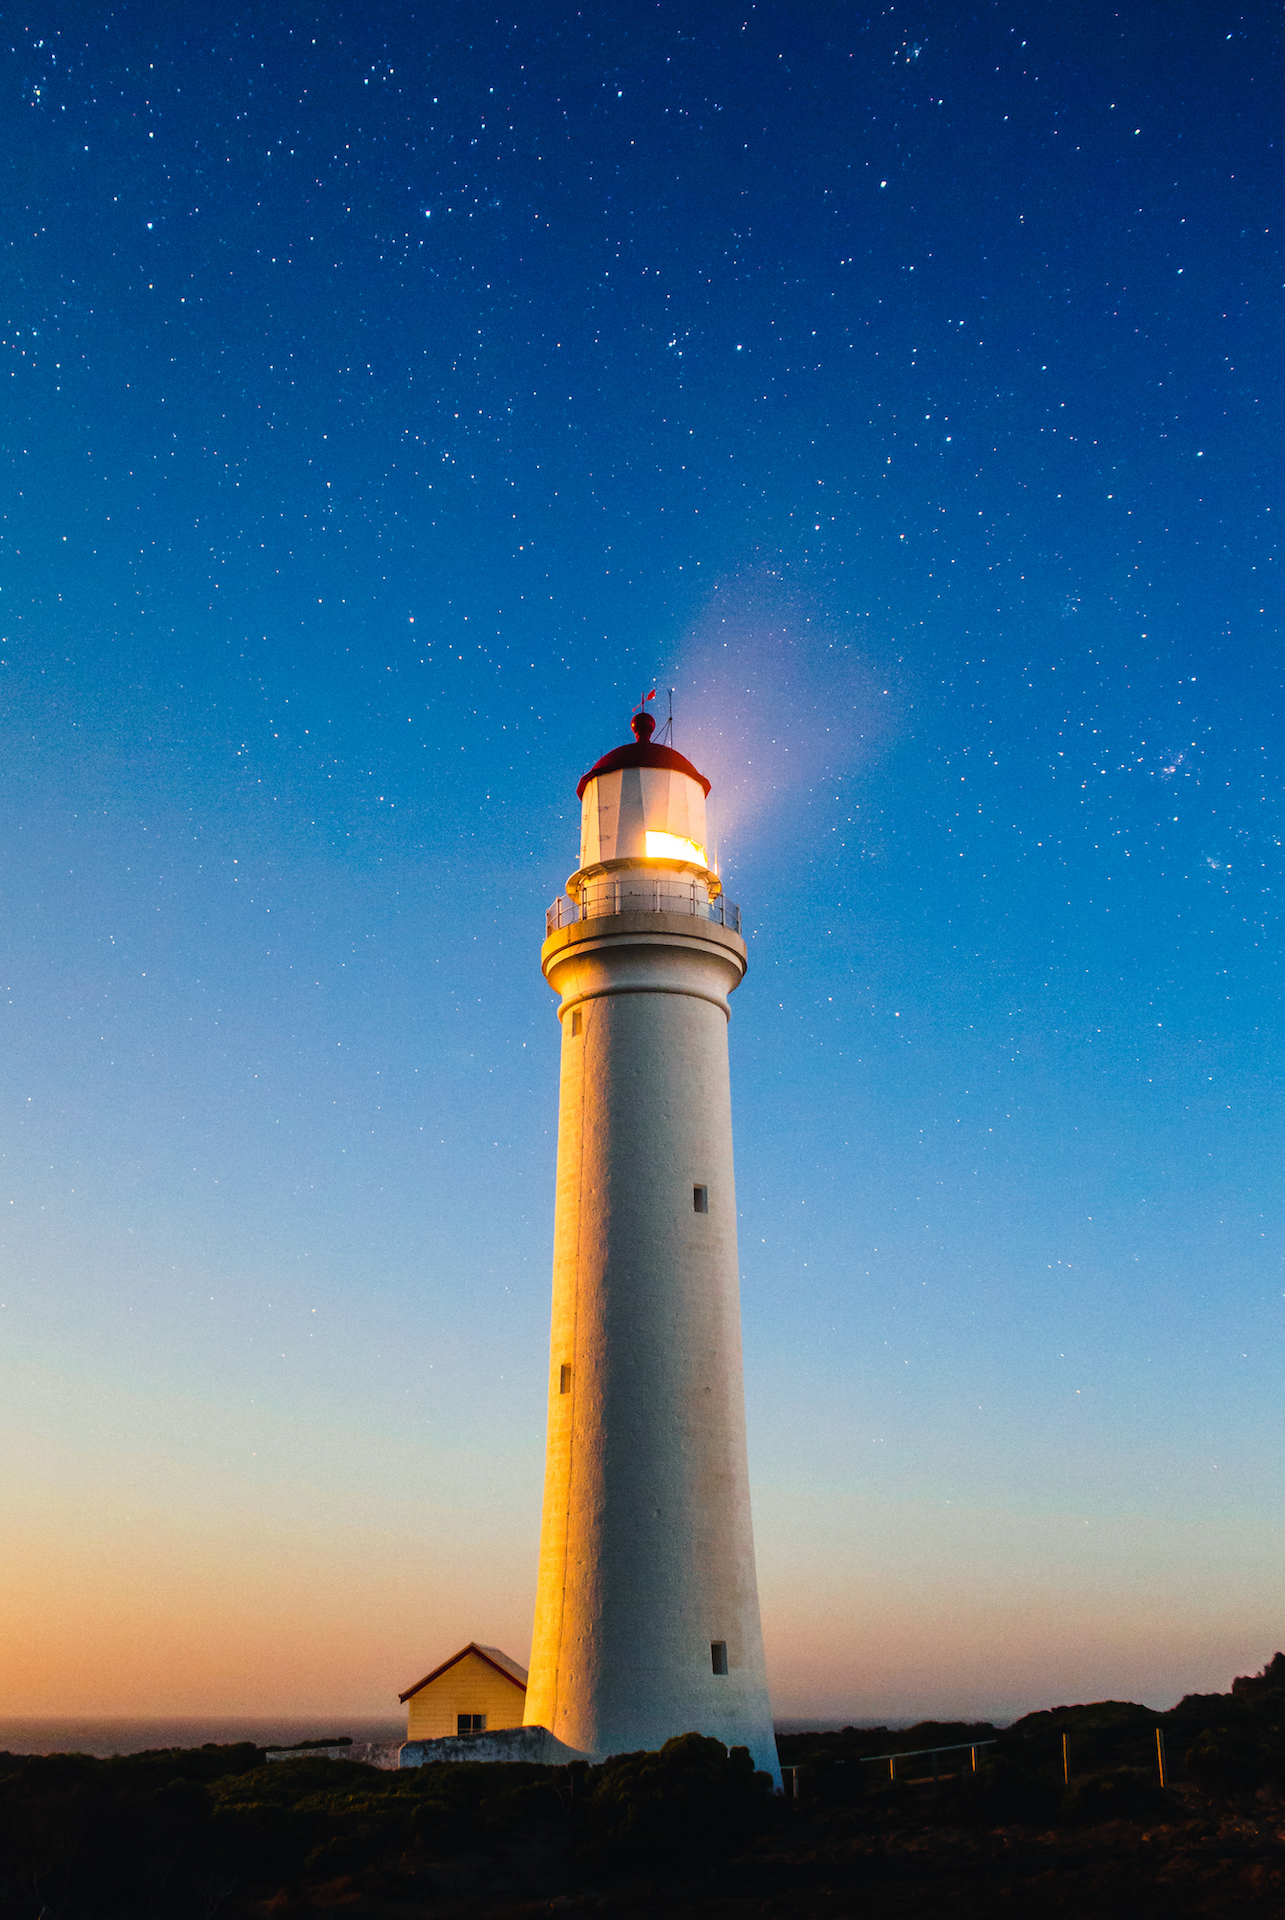 Leuchtturm, Himmel, Nacht, Sterne, Licht - Wallpaper HD - Prof.-falken.com